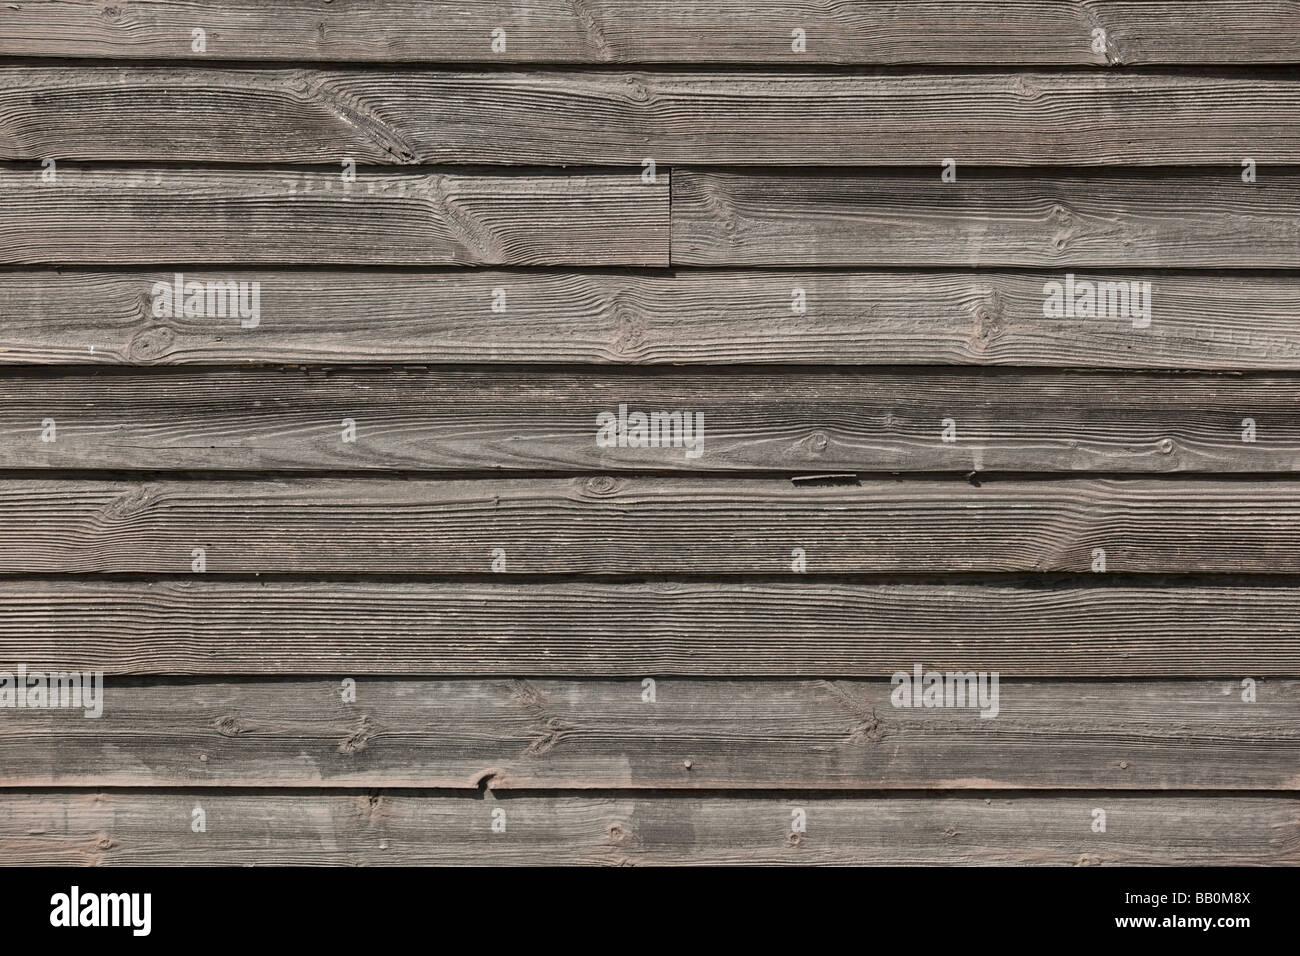 Bare wood overlap planking - Stock Image